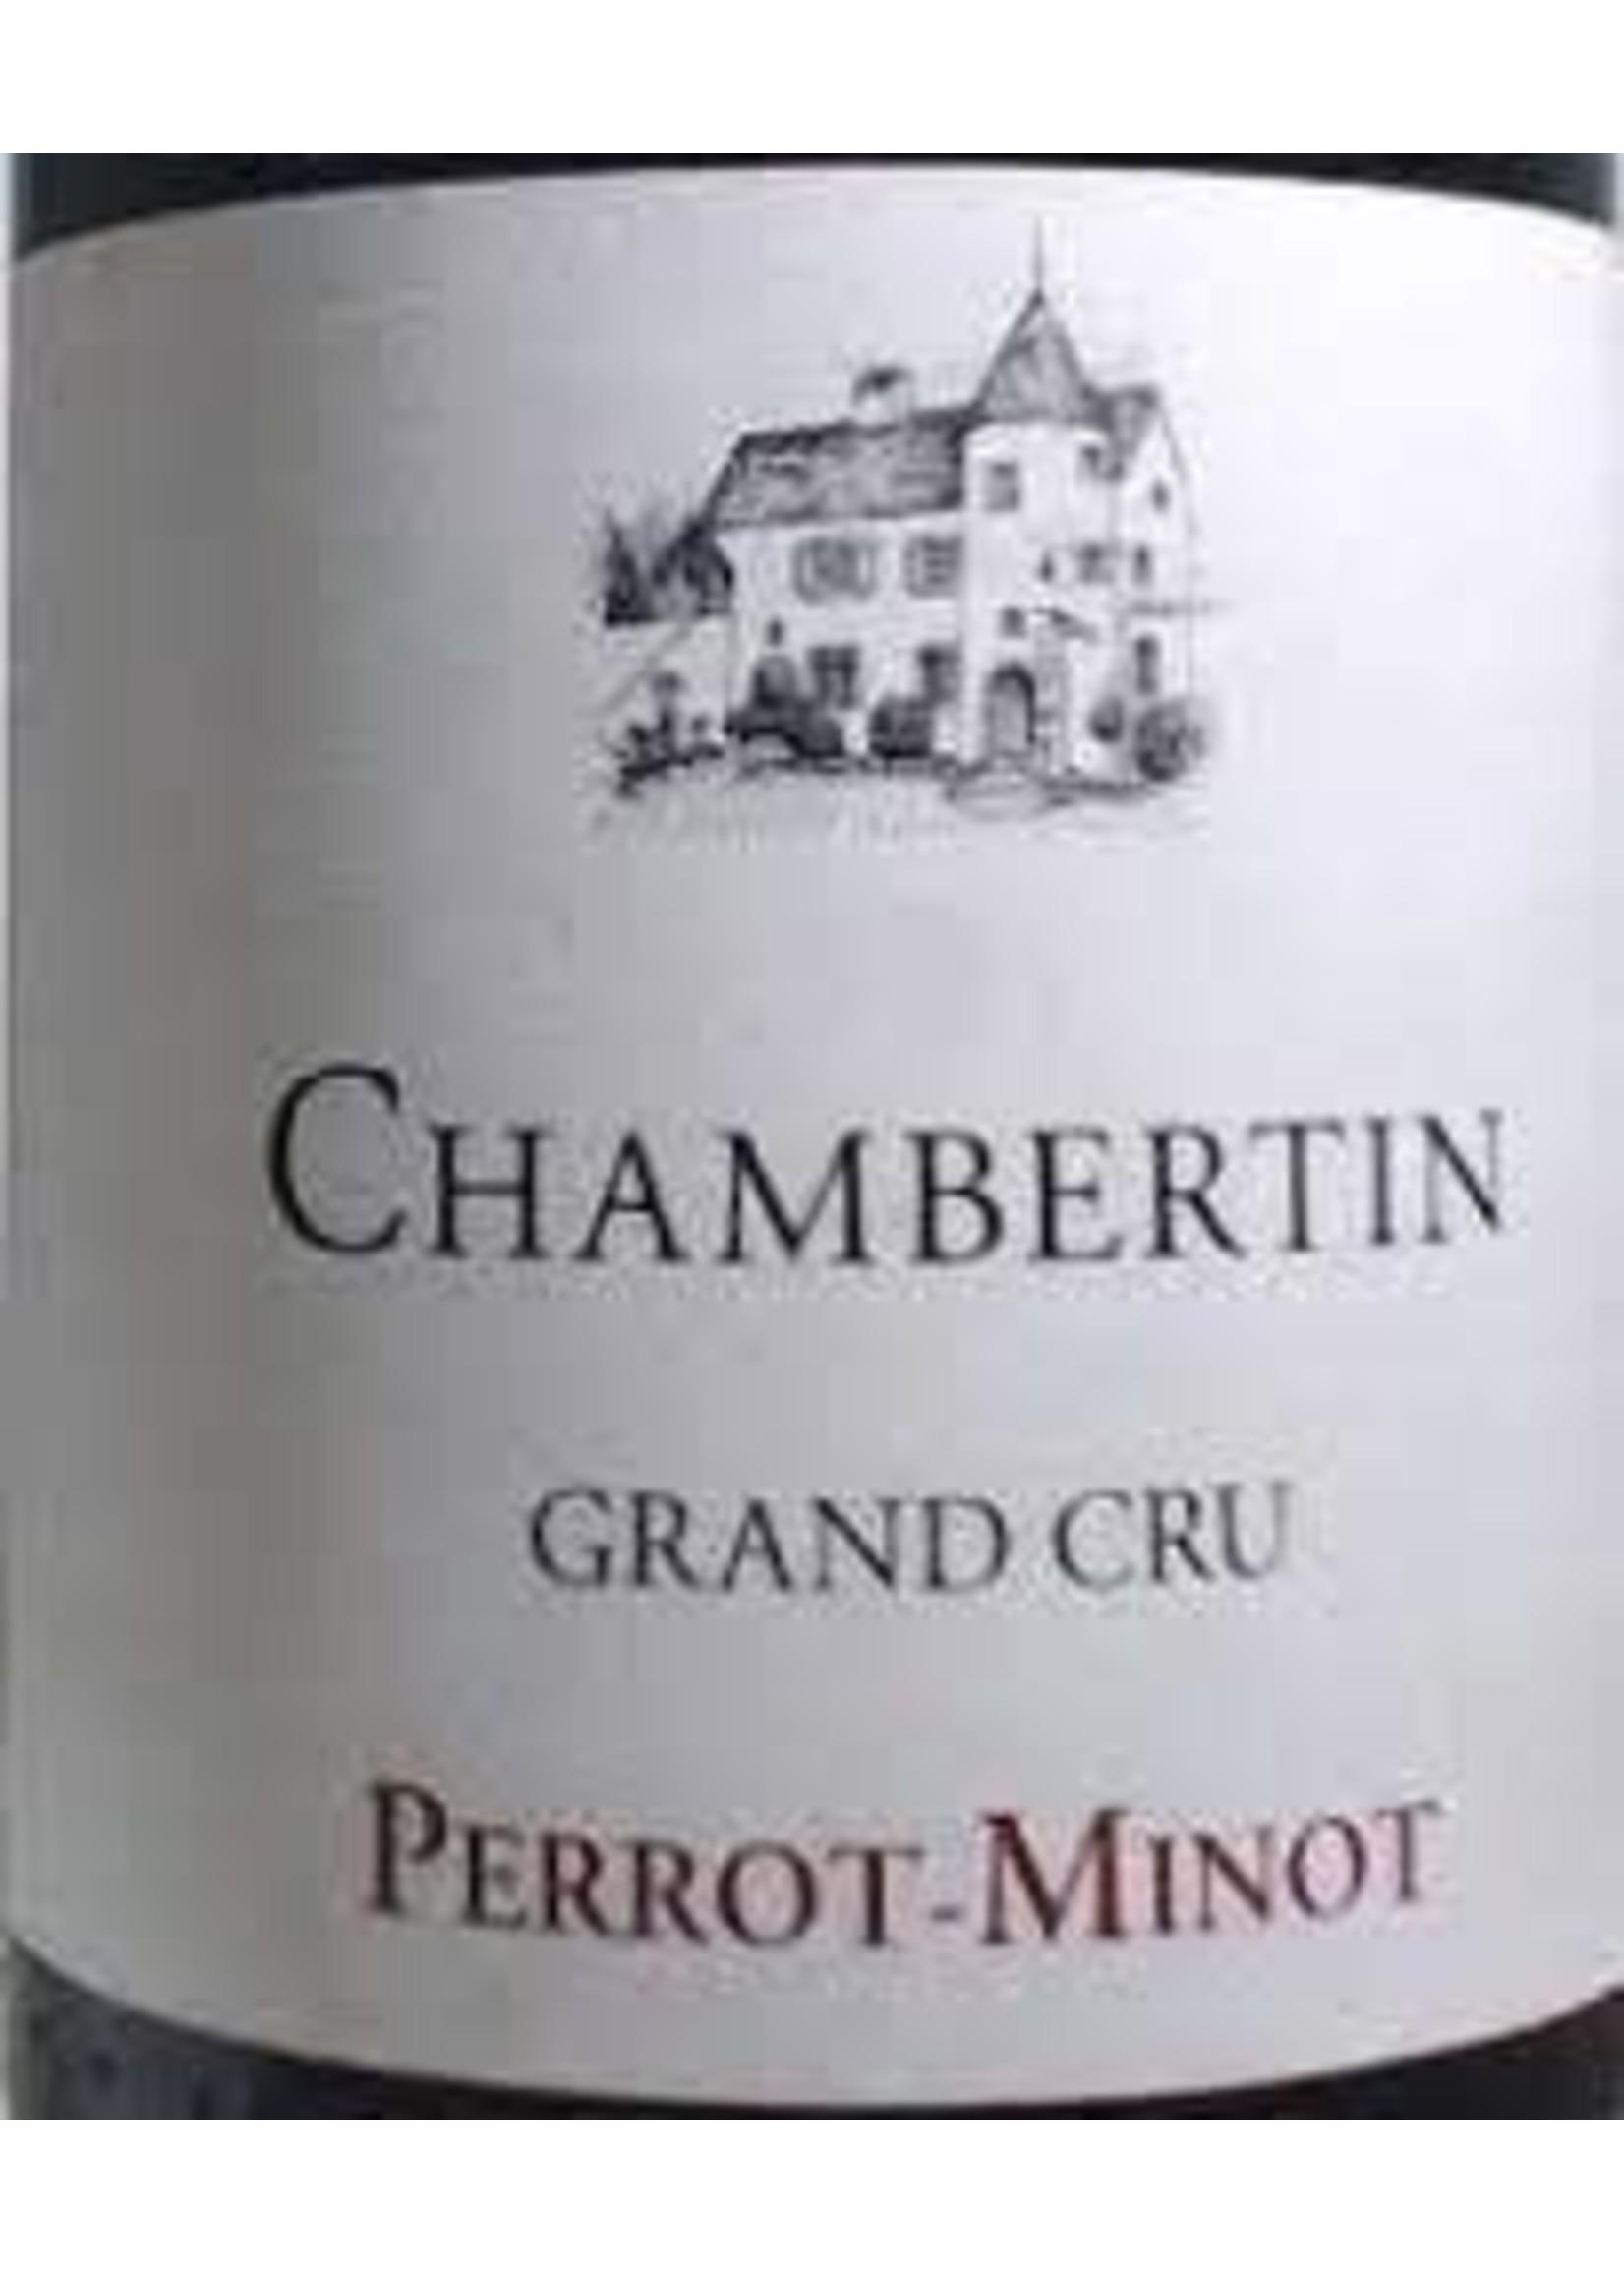 Perrot Minot 2019 Chambertin Grand Cru 750ml